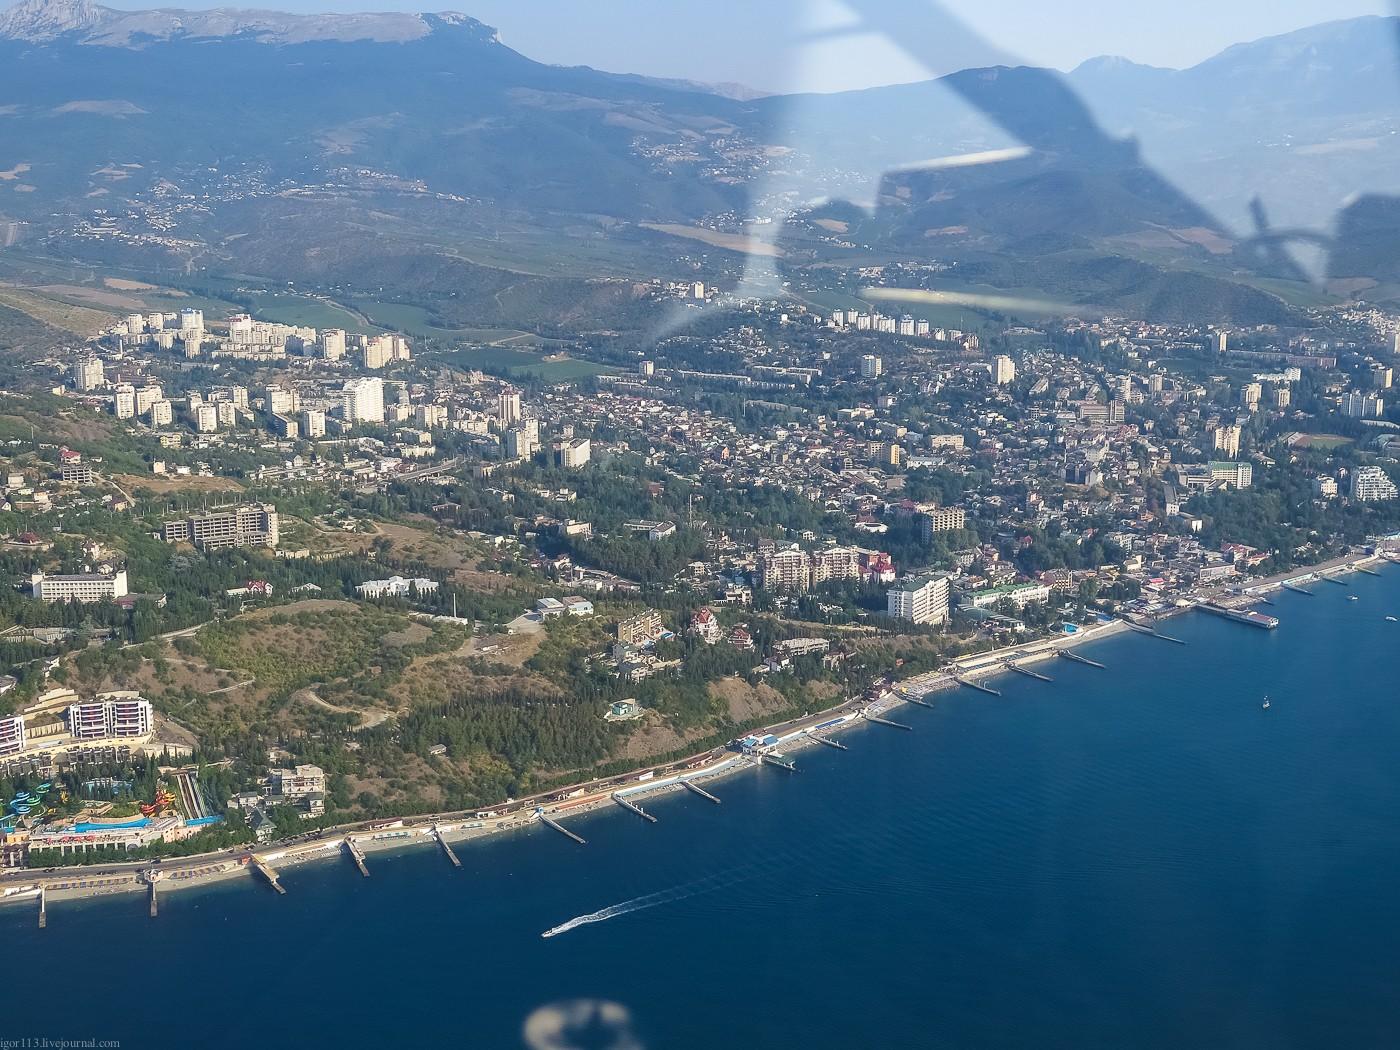 Самолетом из Ставрополя в Крым за 3 700. Получена субсидия на билеты.